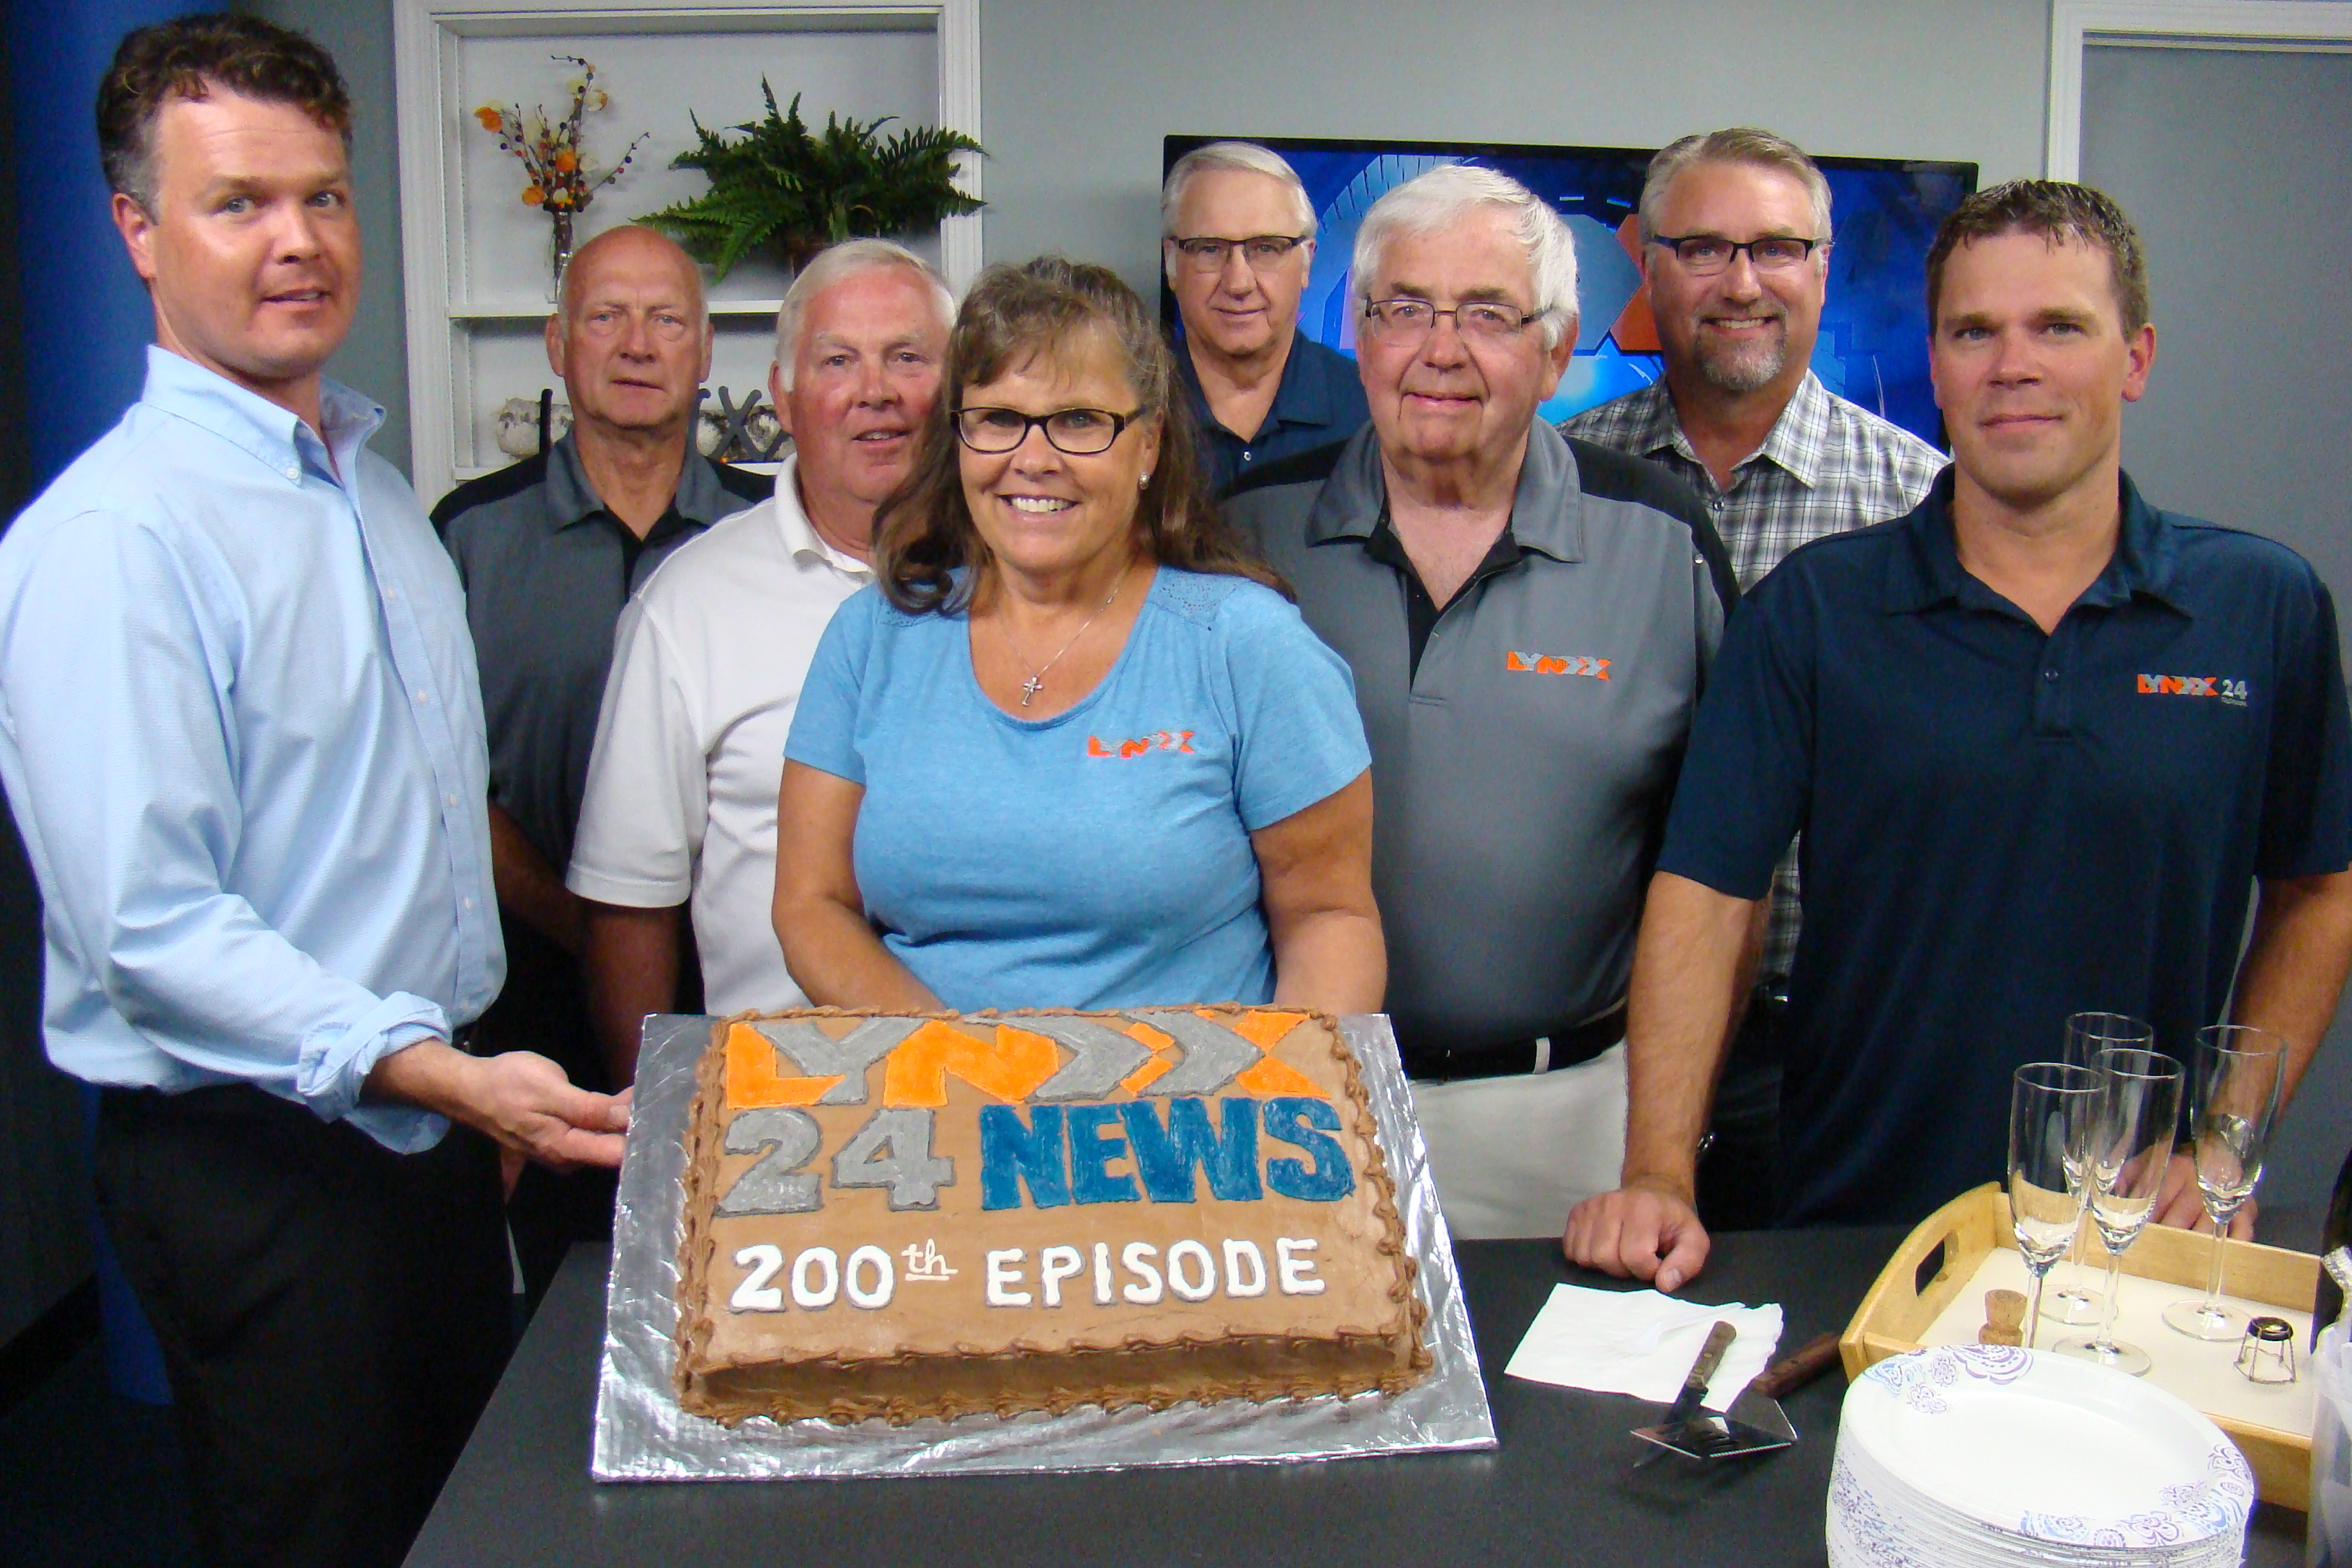 Lynxx 24 TV Celebrates 200 Episodees